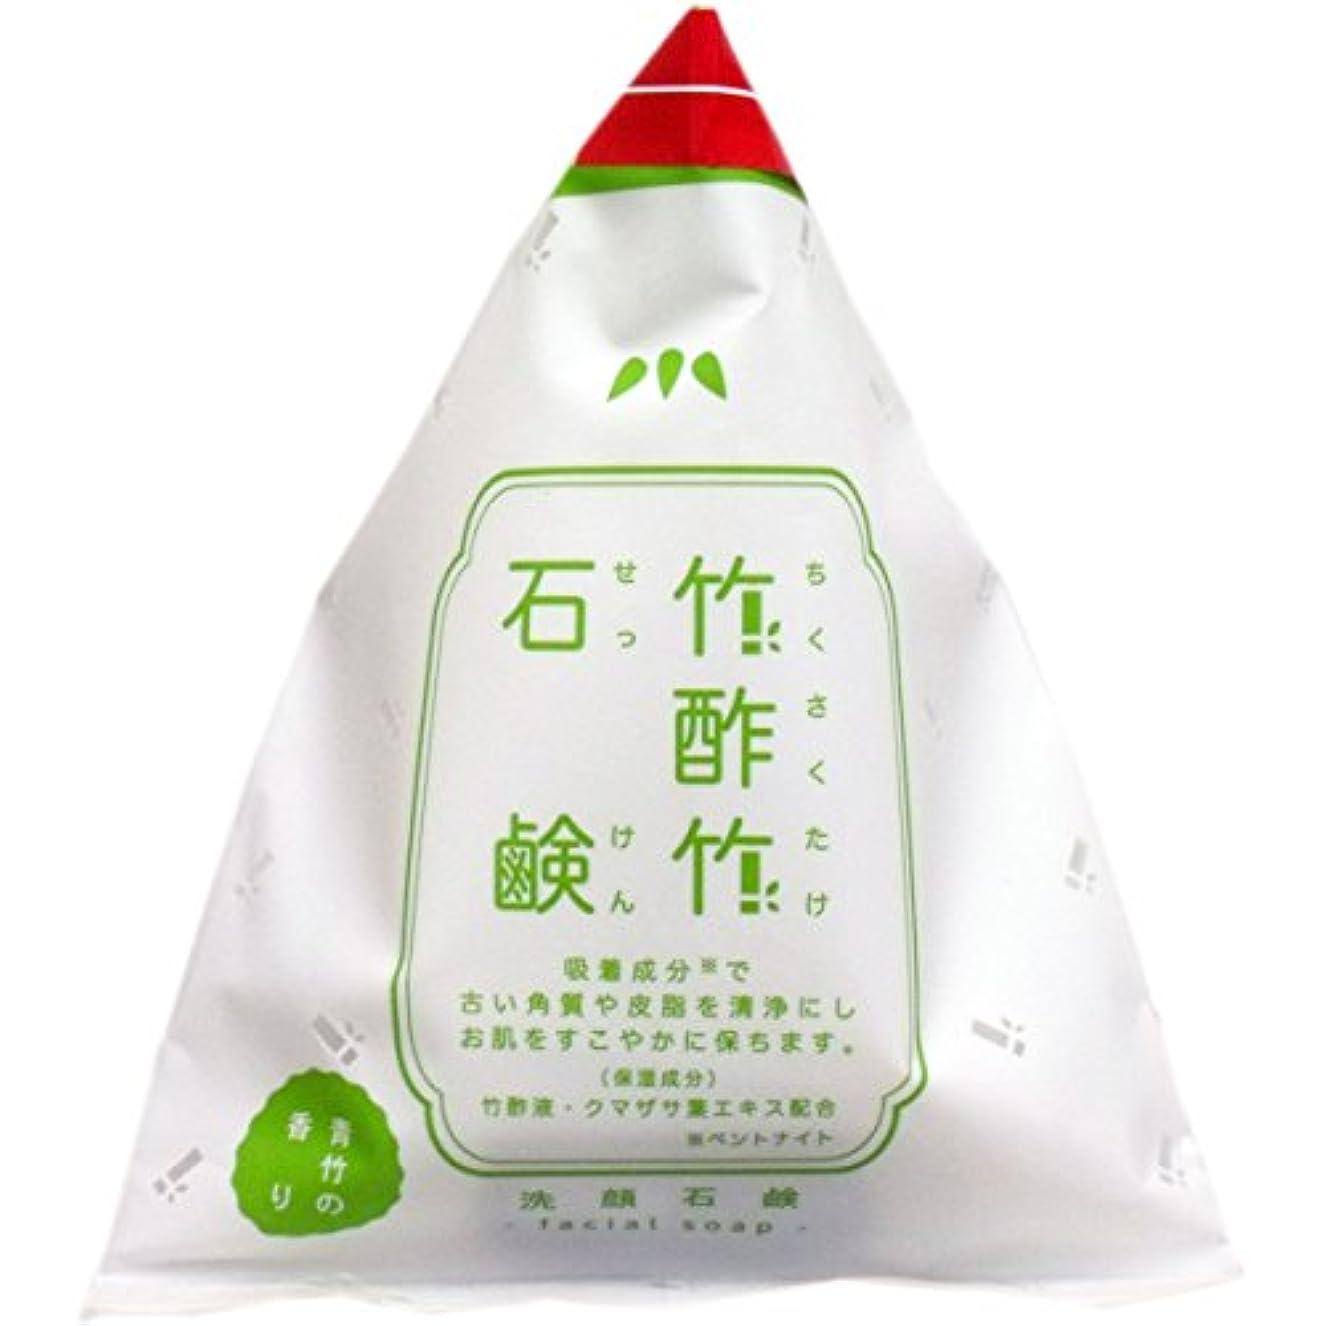 可愛い料理をするジャーナルフェニックス 竹酢竹石鹸 (120g)